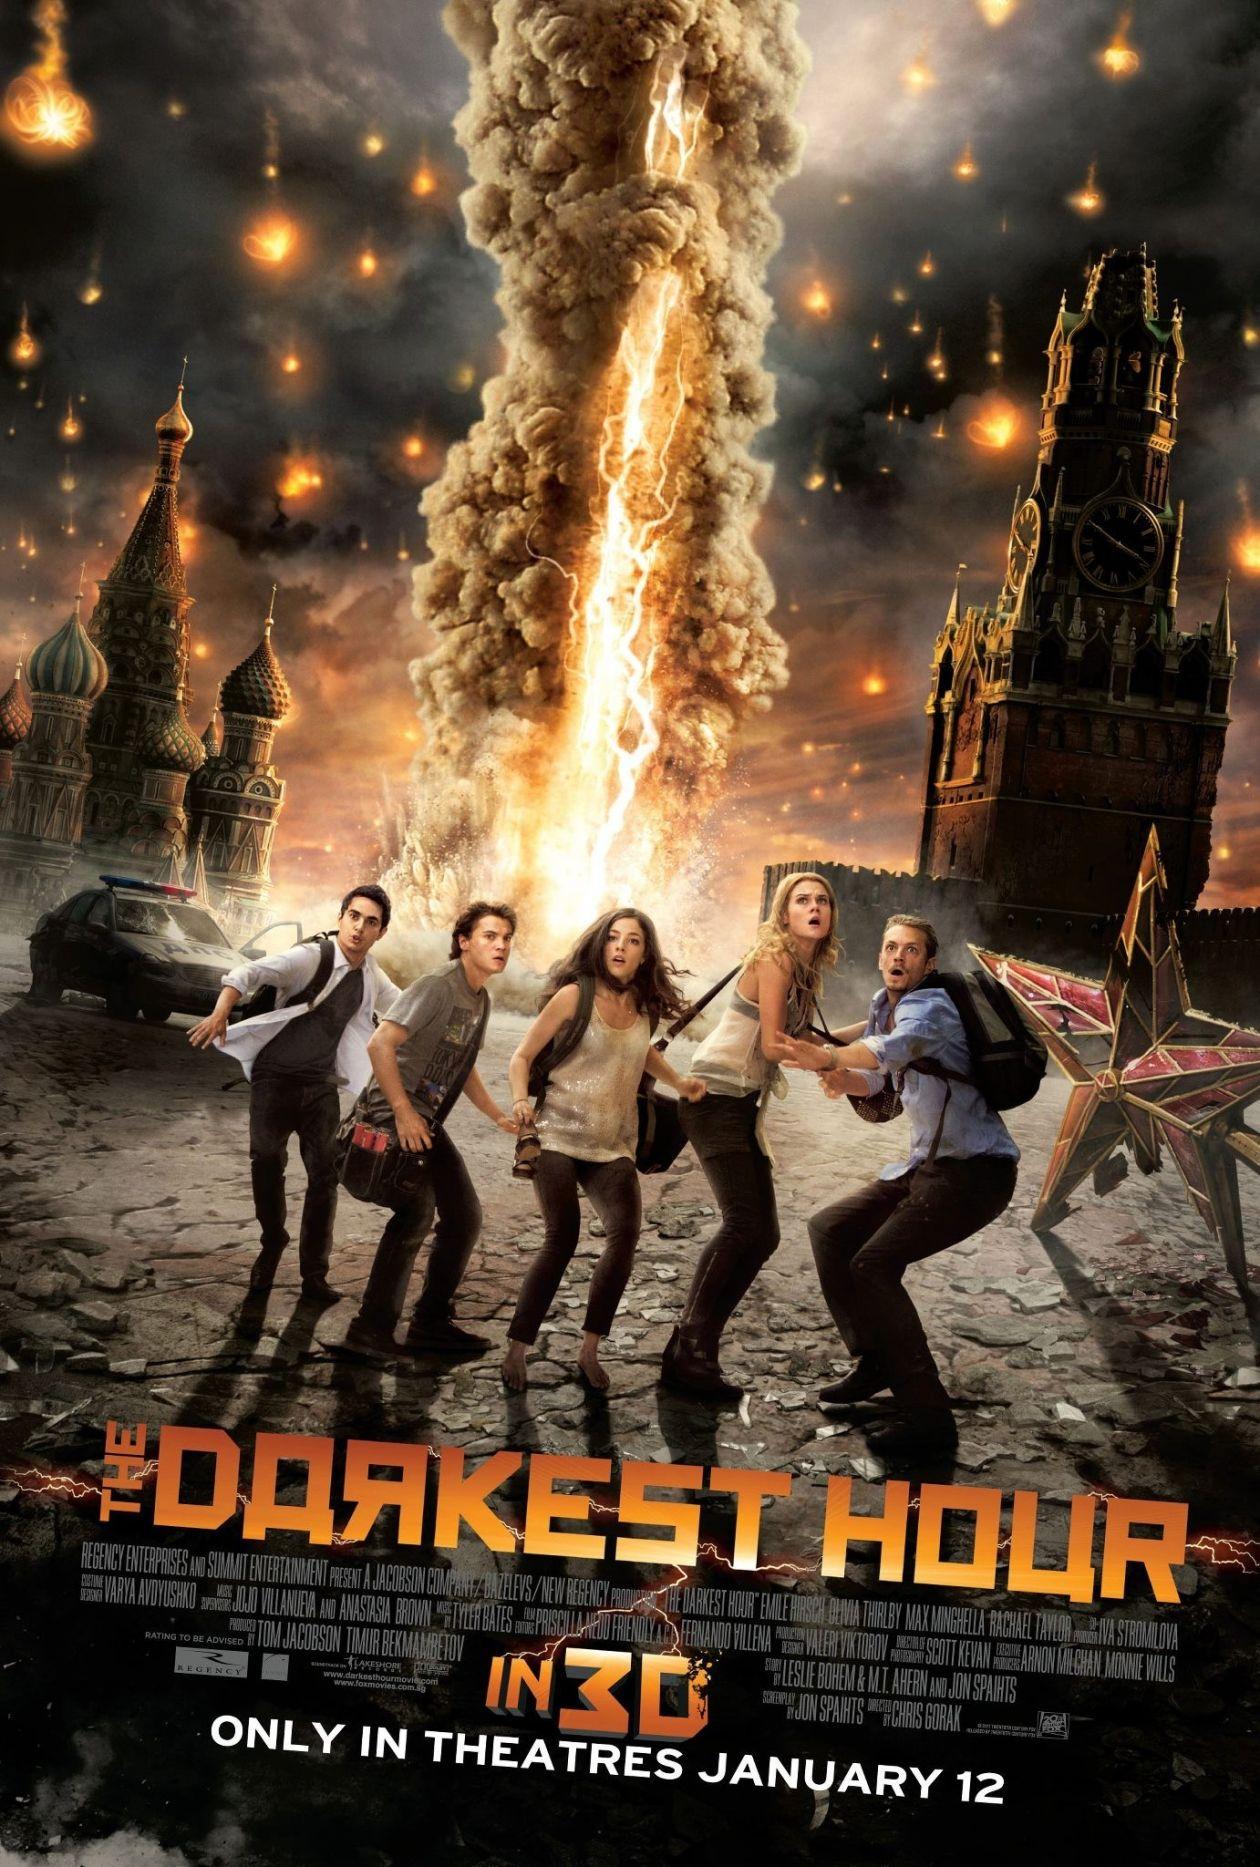 Olivia Thirlby actress | The Darkest Hour Chris Gorak 2011 / Movie Poster / Affiche film